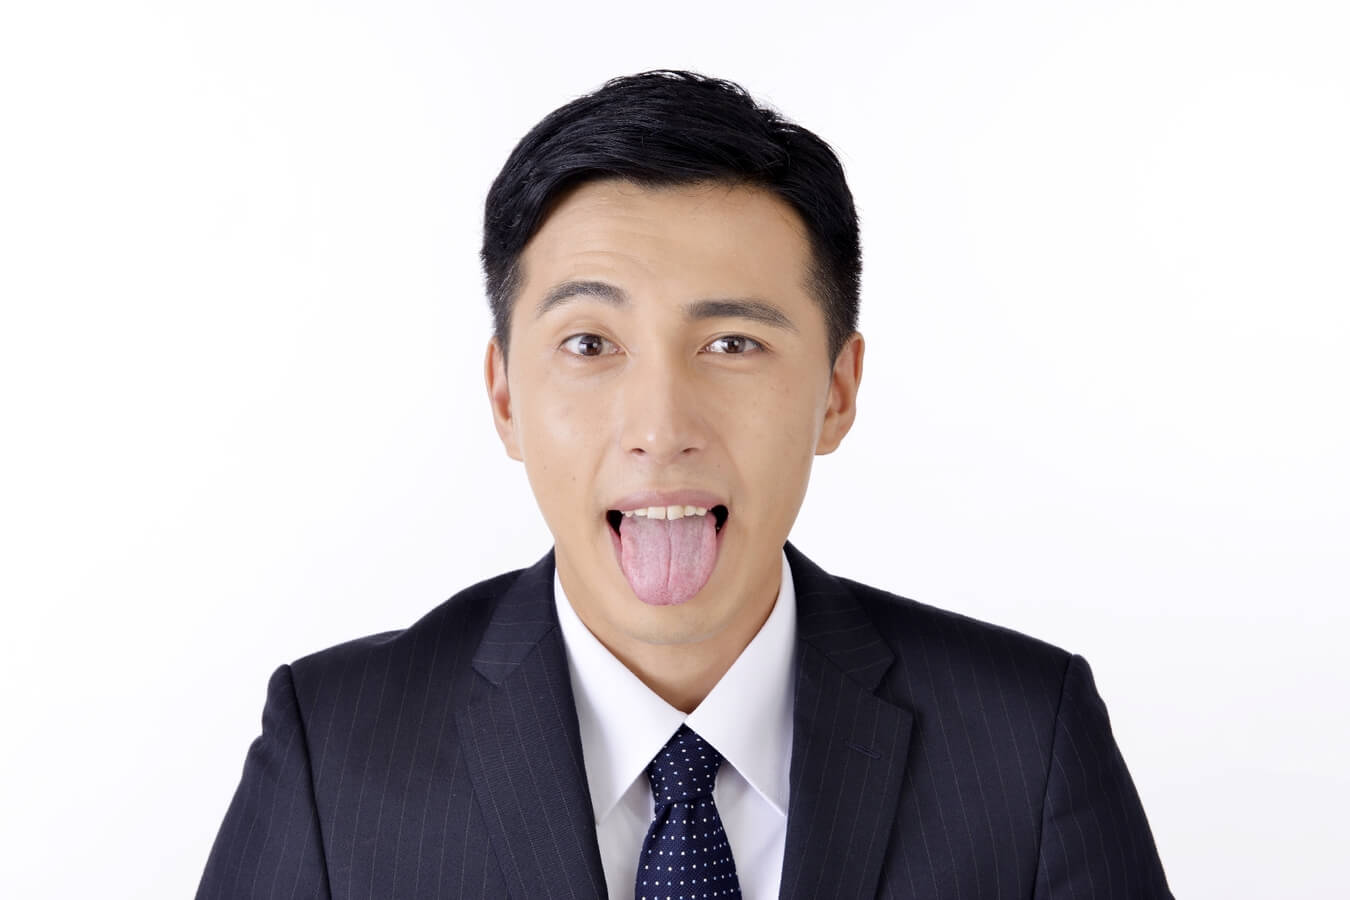 切れた!舌を噛んで血が止まらない時の止血の応急処置や対処法3選